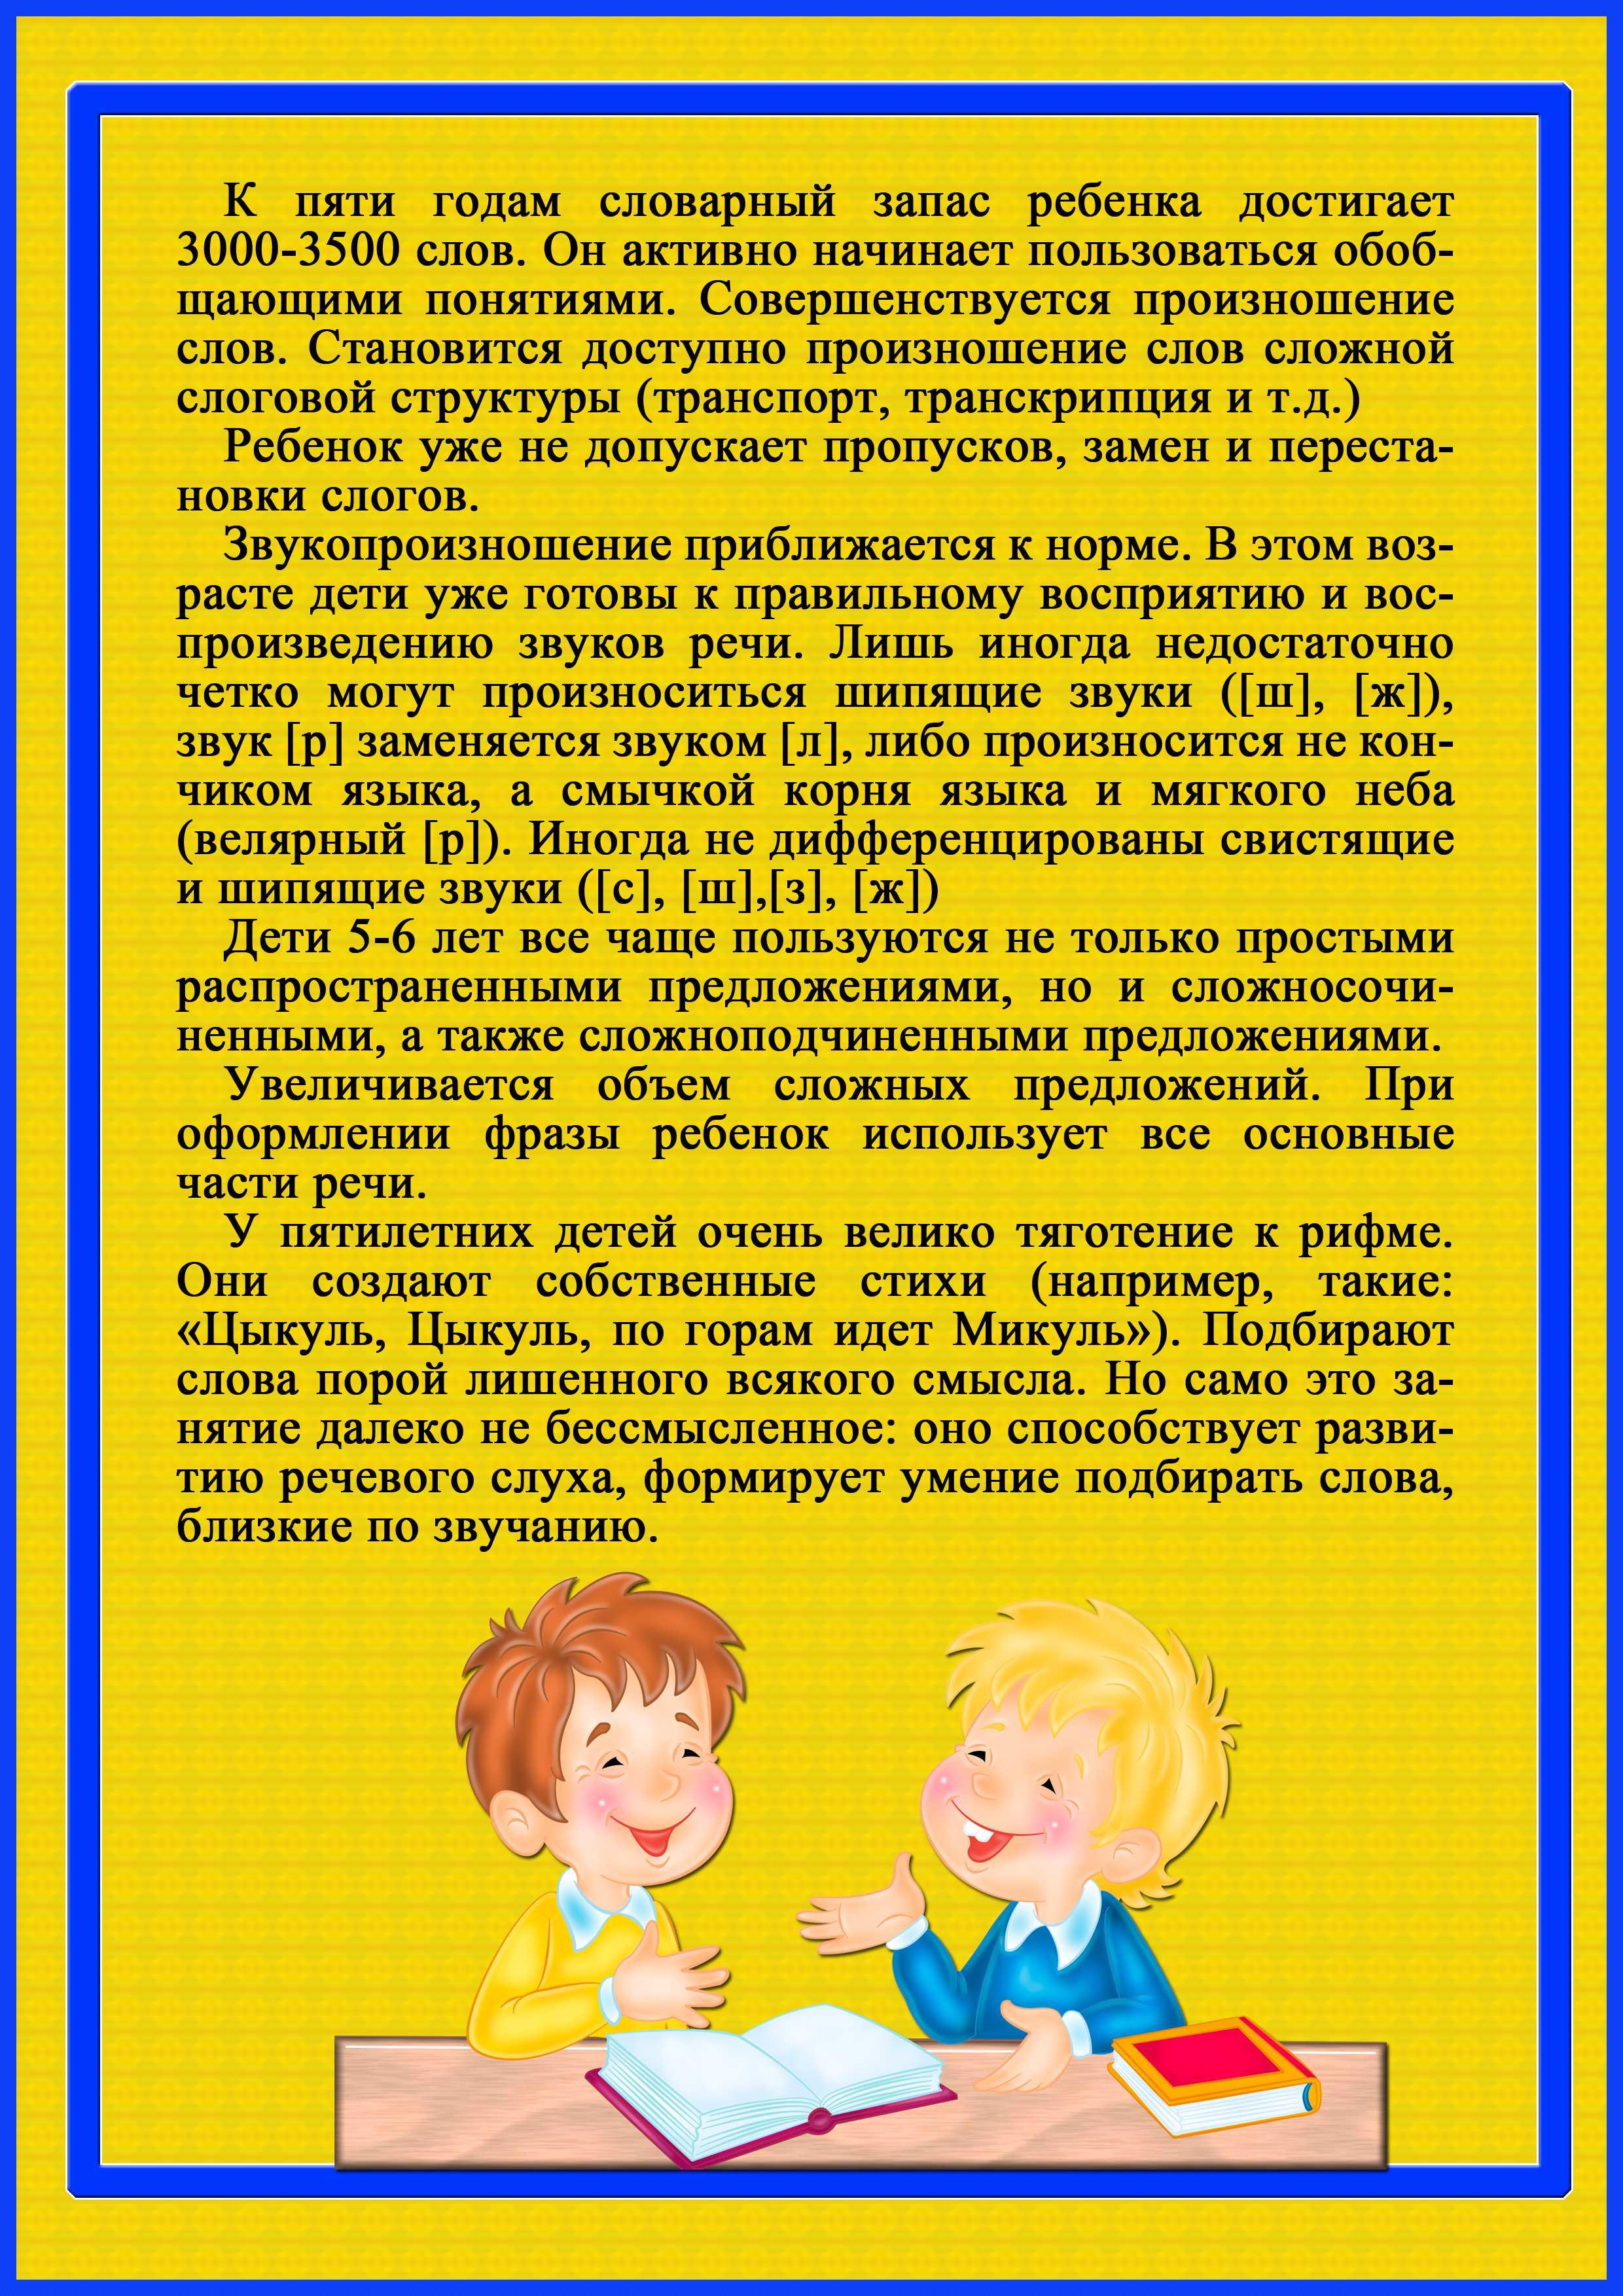 Речевое развитие ребенка в 6-7 лет: советы родителям дошкольника